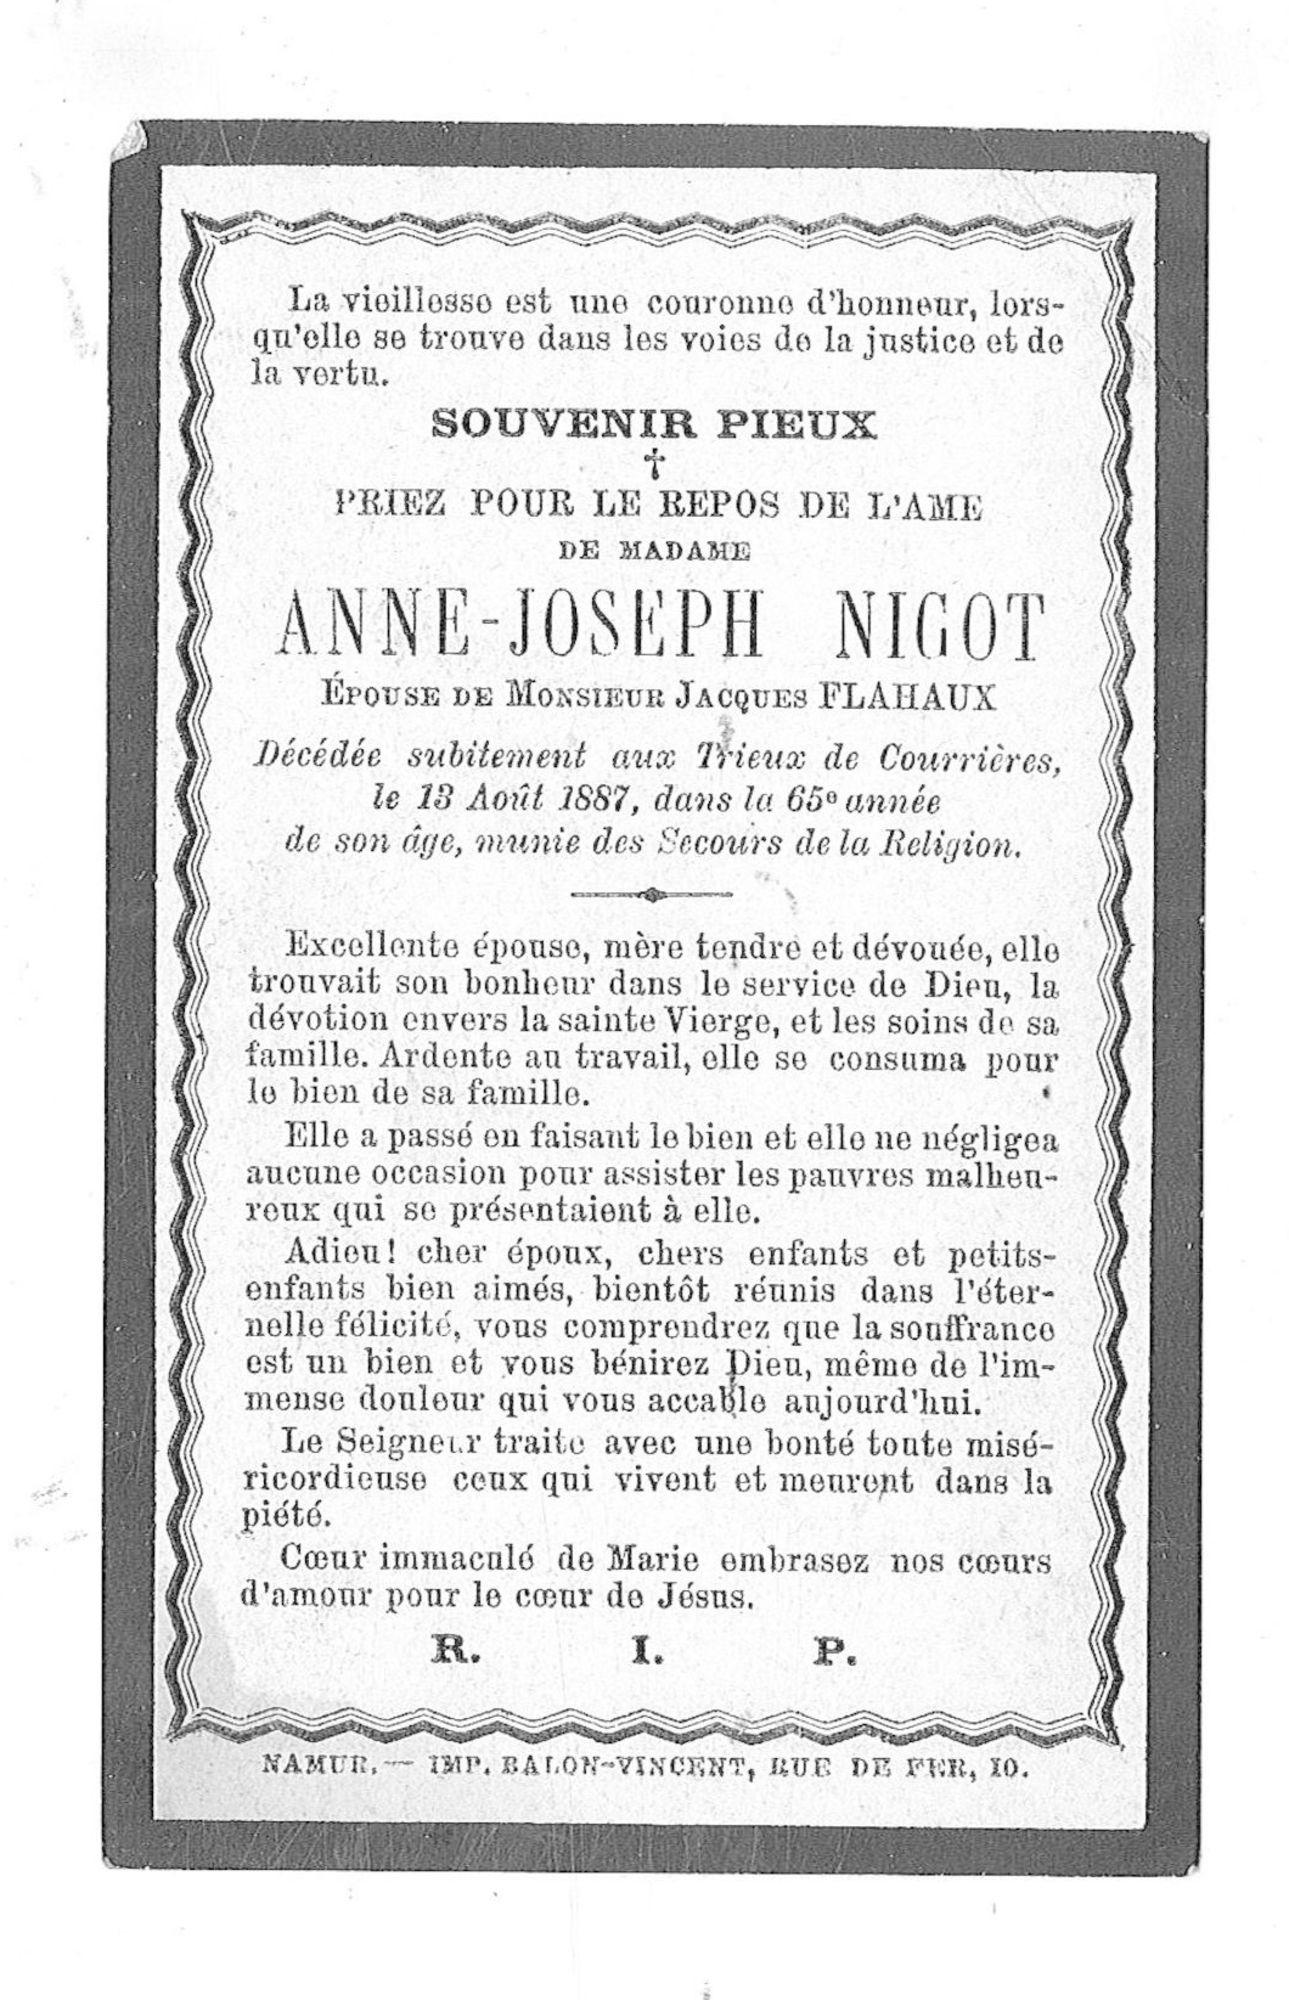 Anne-Joseph Nicot